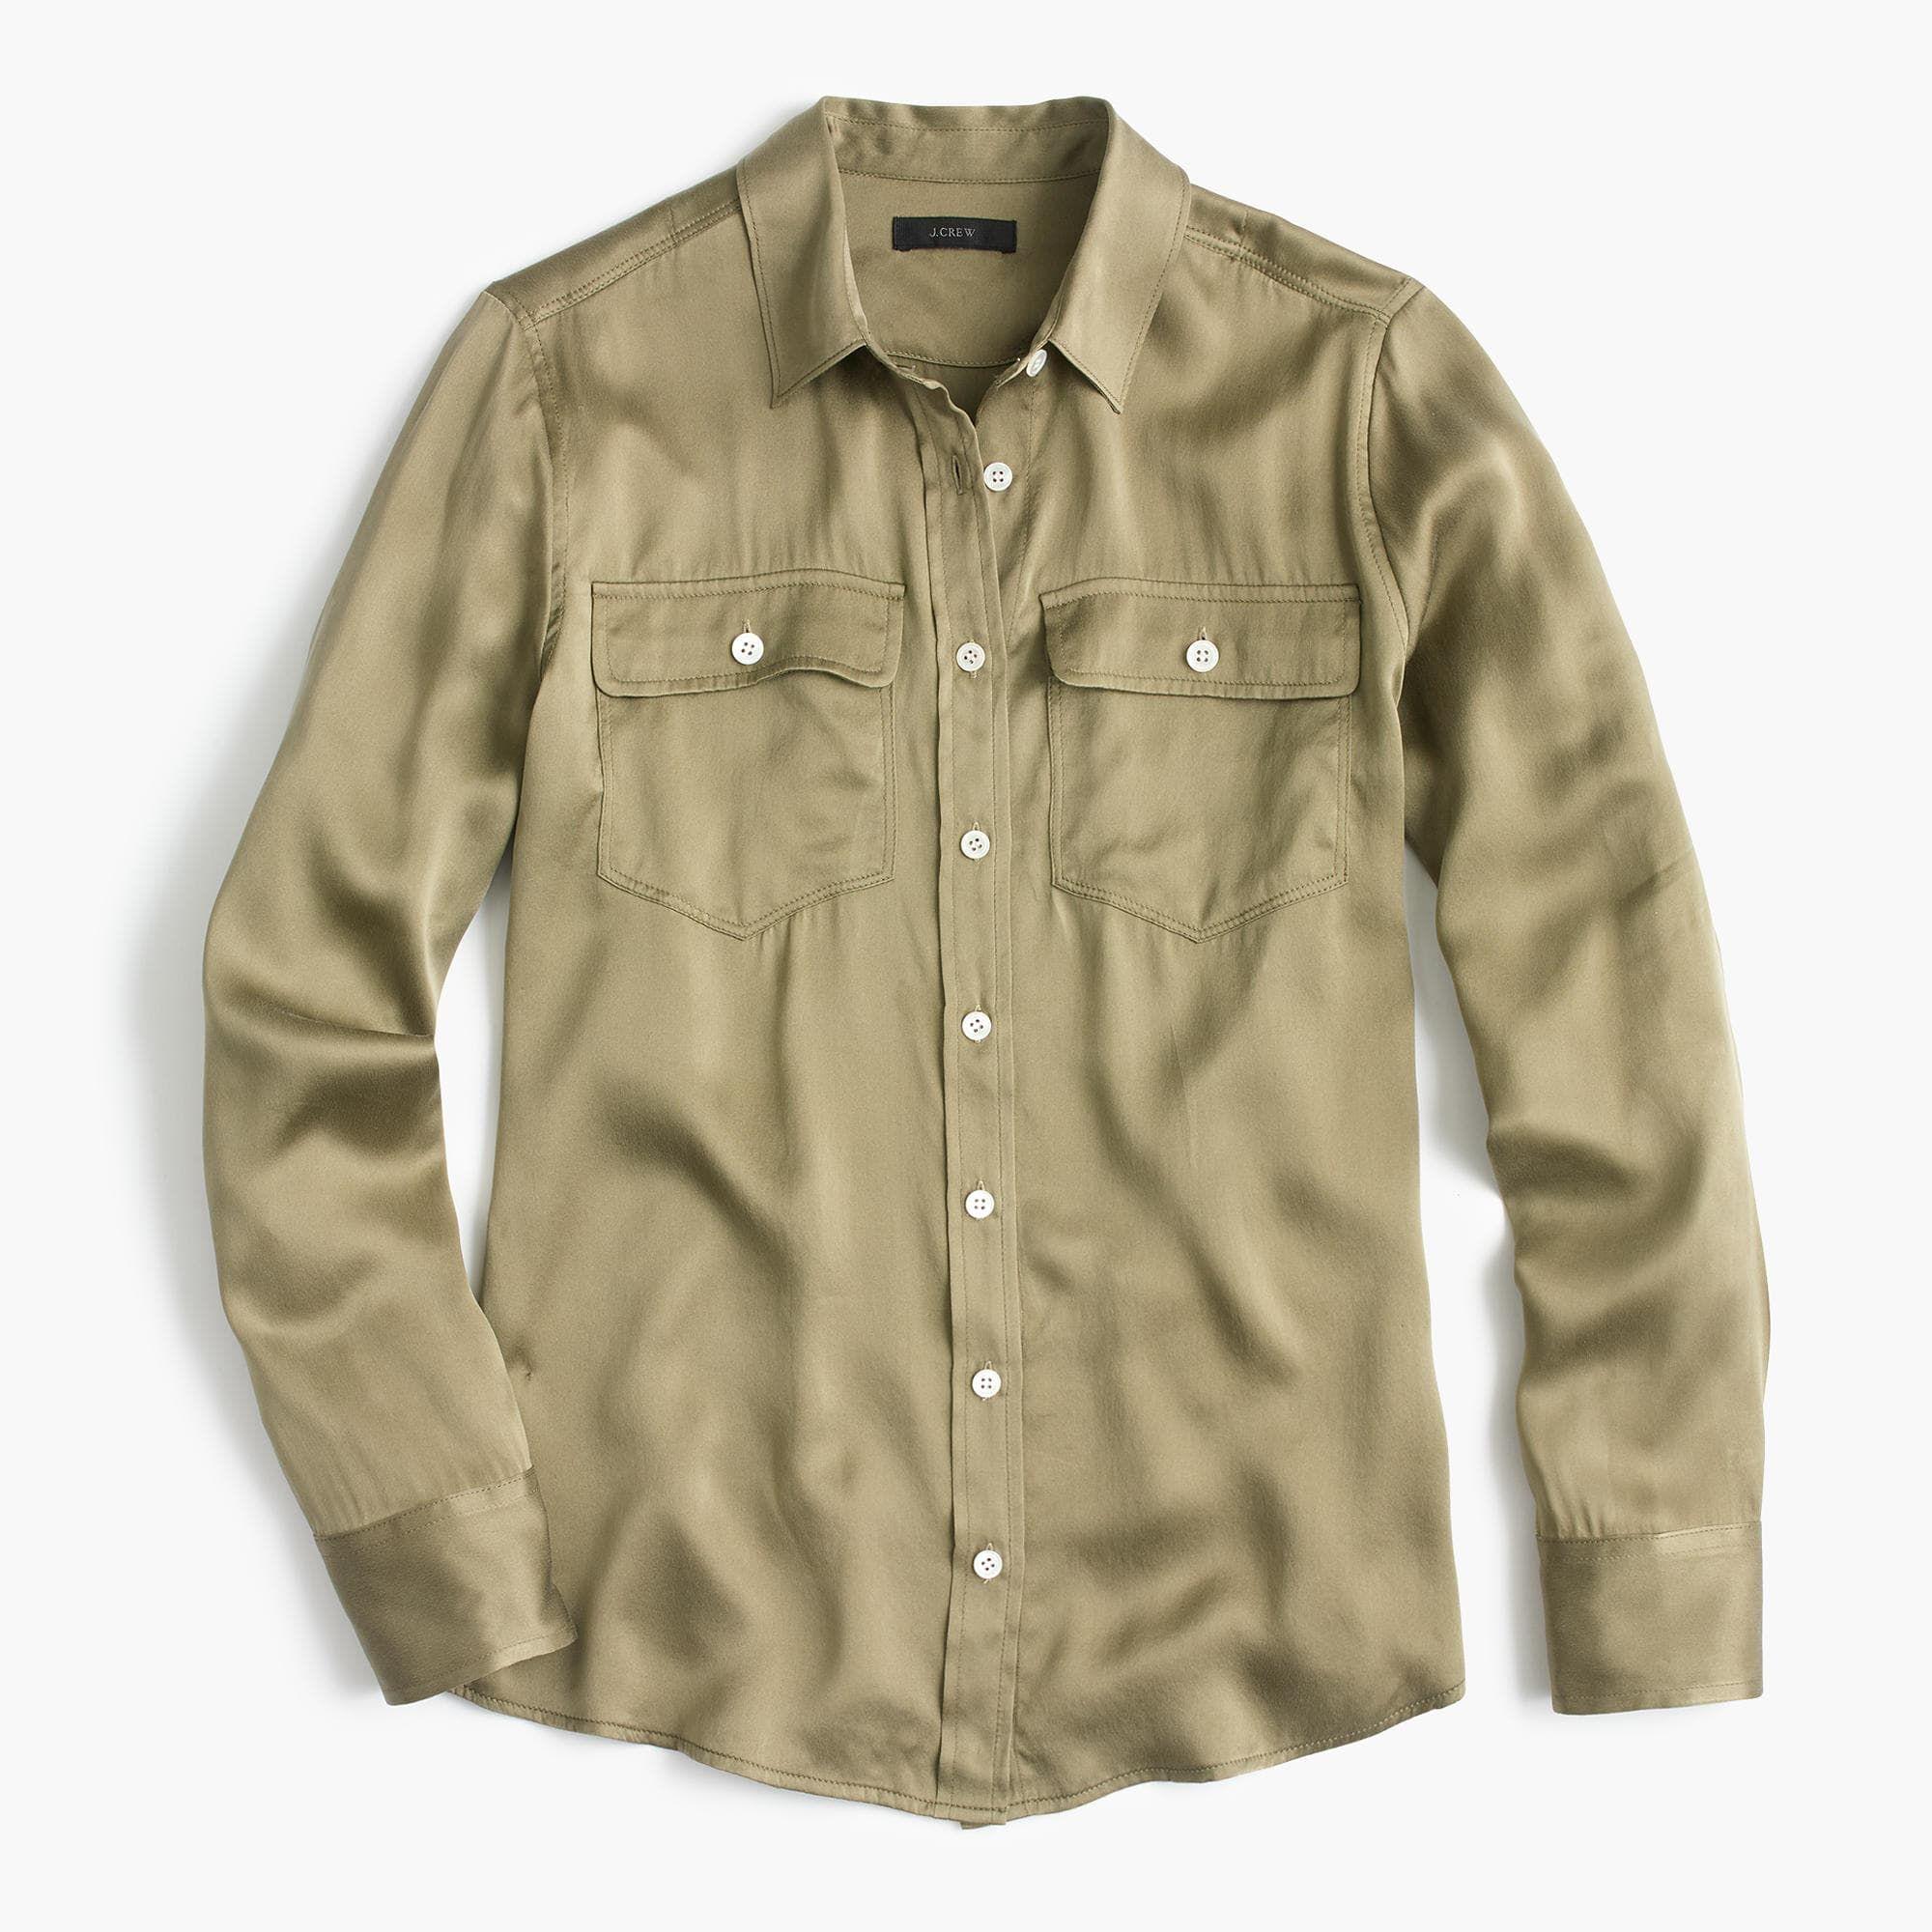 64c3c2a0bcefdd J.Crew - The 2011 Blythe shirt | Clothing | Shirts, Mens tops ...